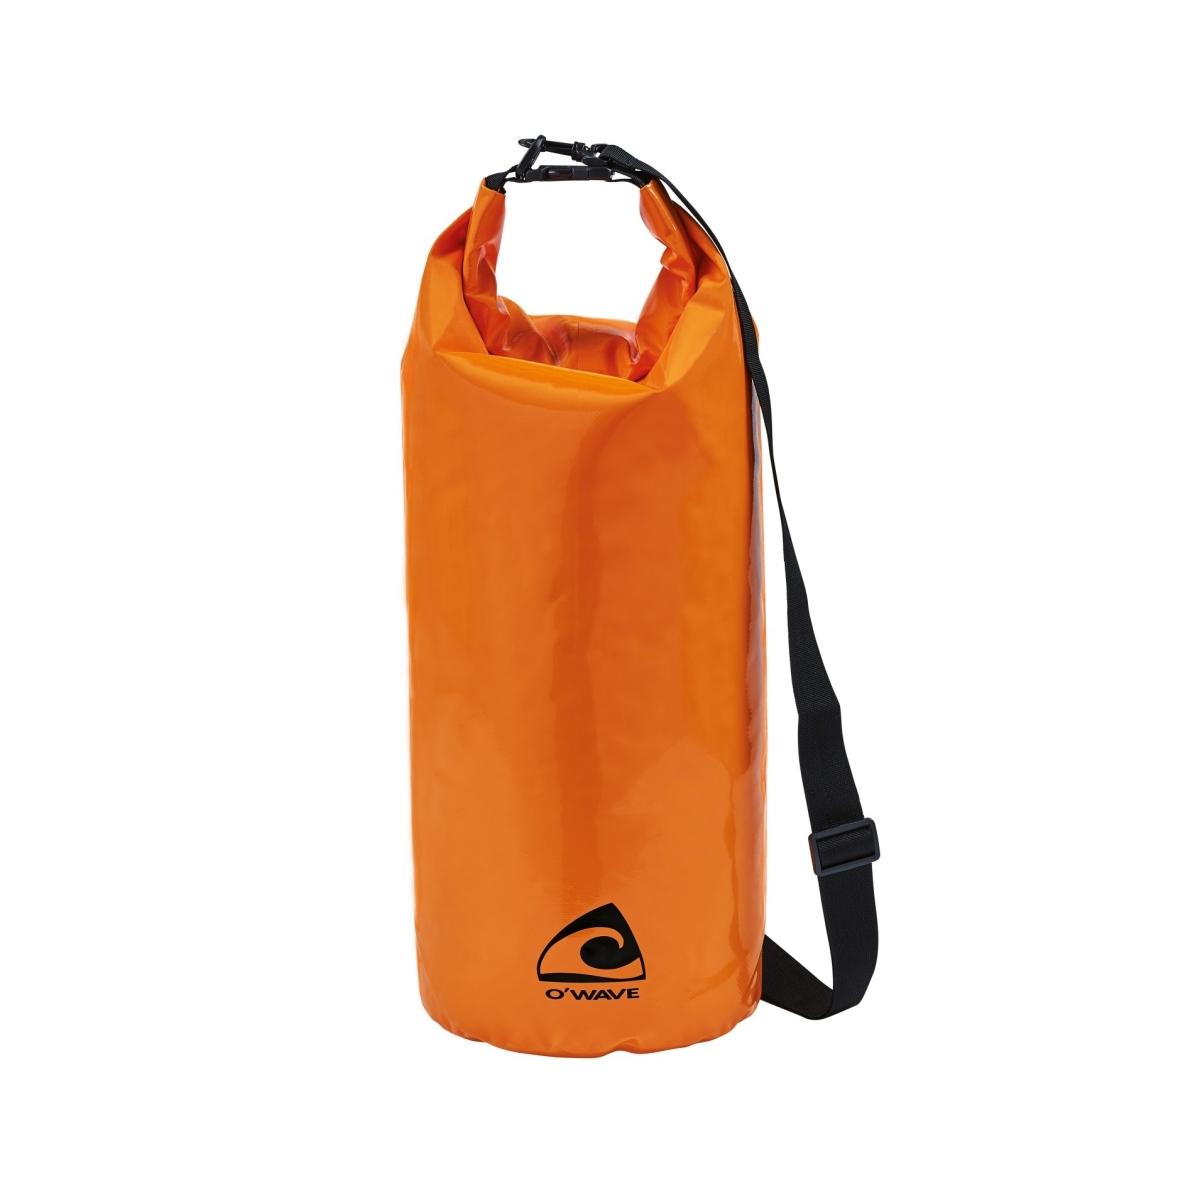 Reinforced waterproof bags